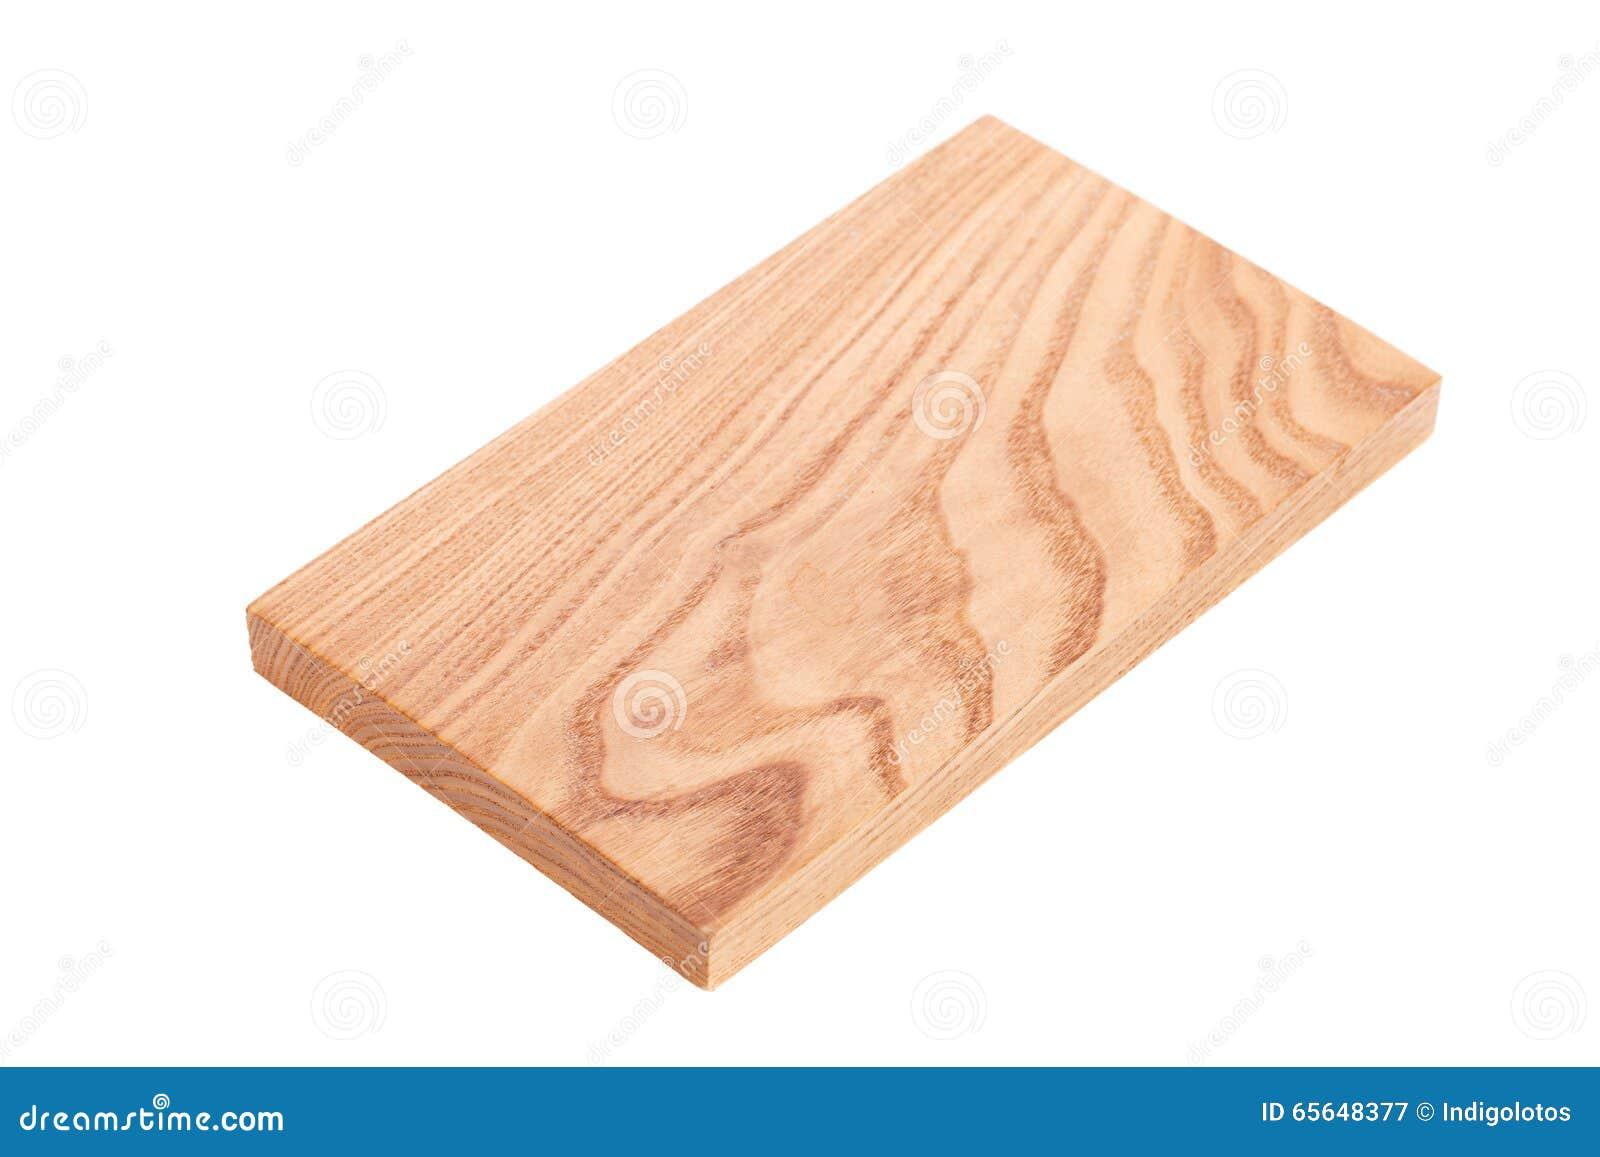 Échantillon de parquet de conseil en bois